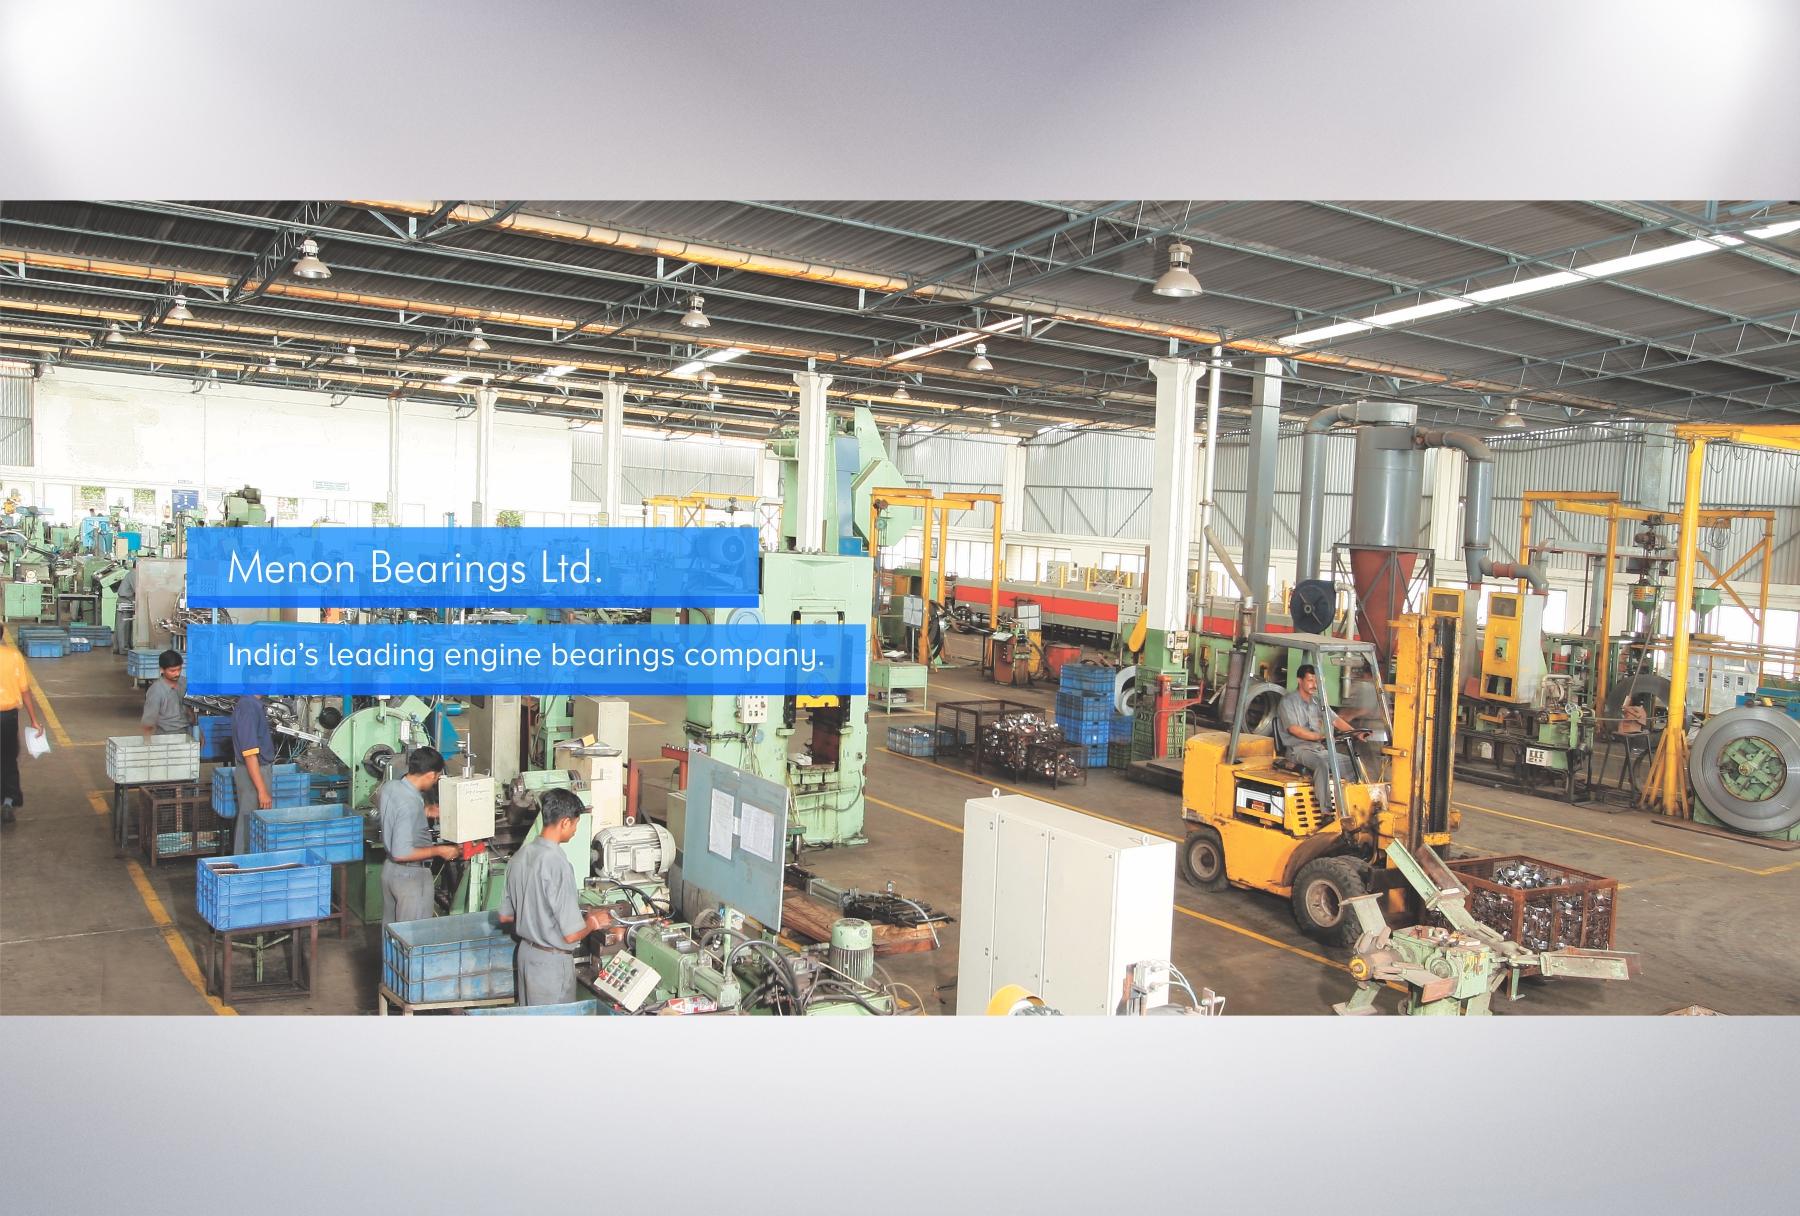 Menon Bearings Ltd